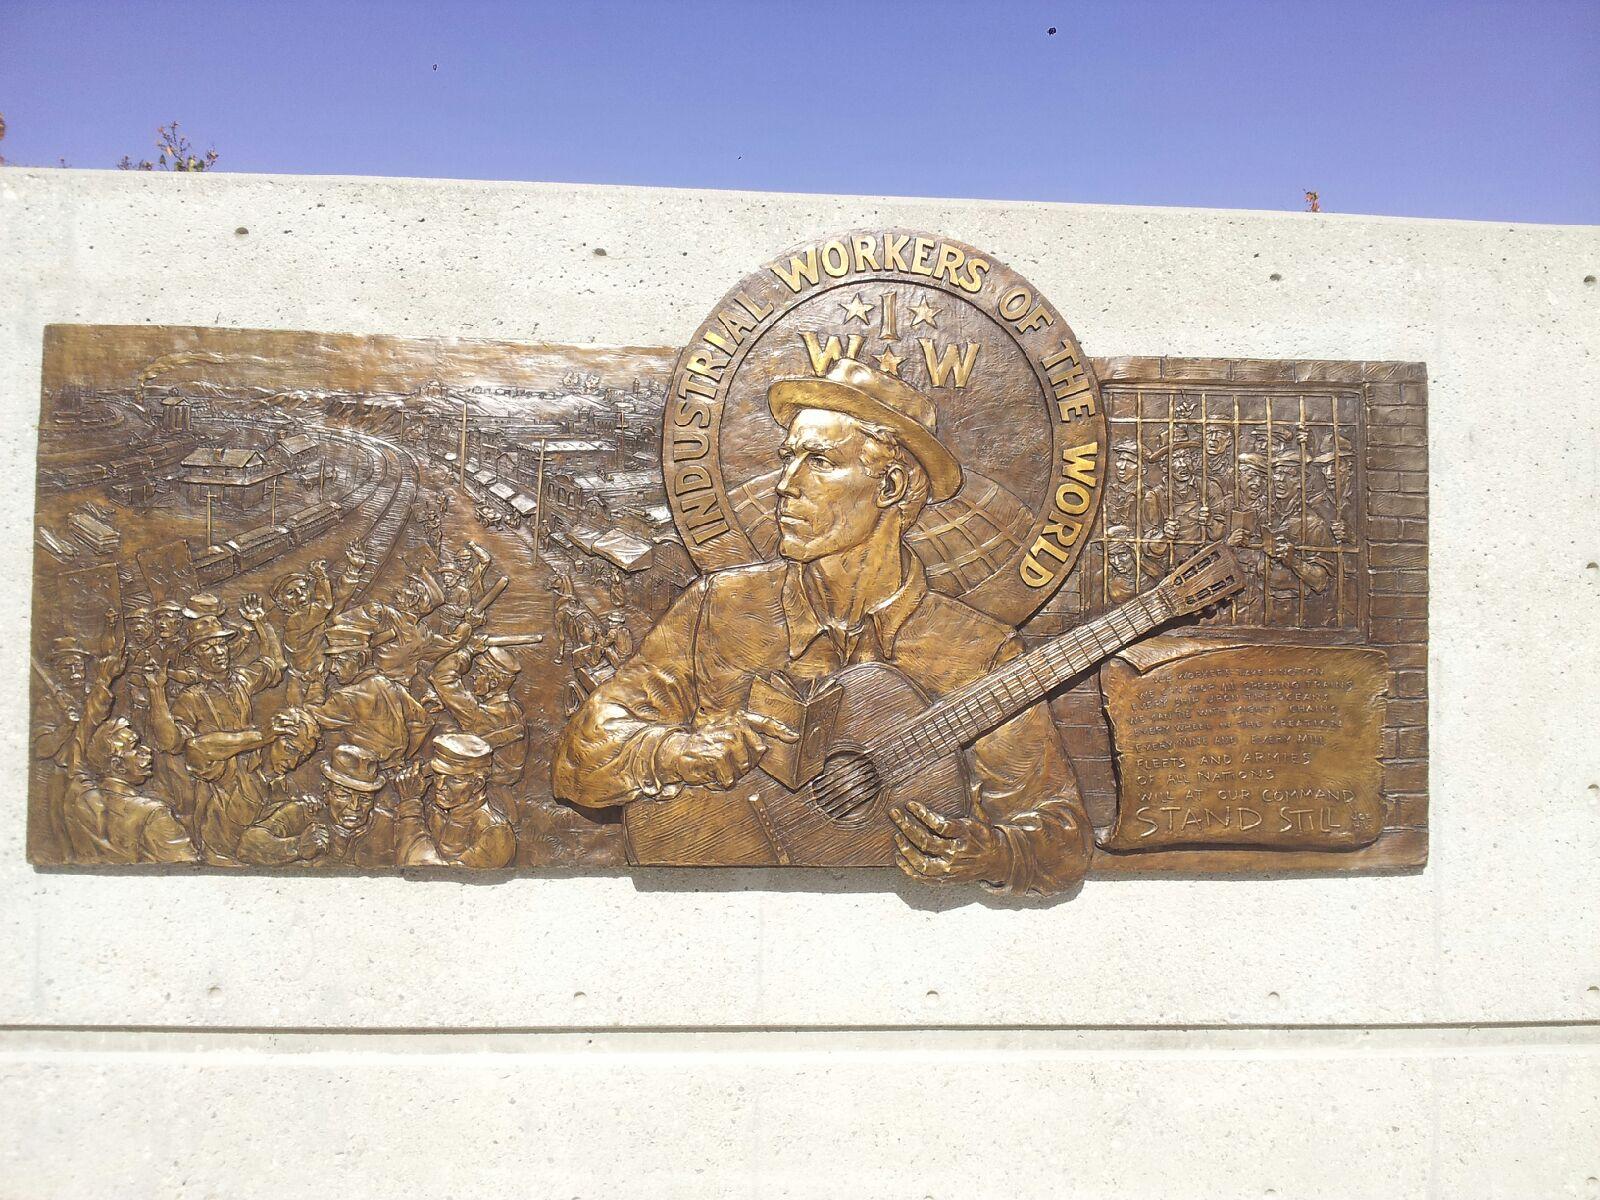 Joe Hill Memorial Plaque at Liberty Hill Plaza